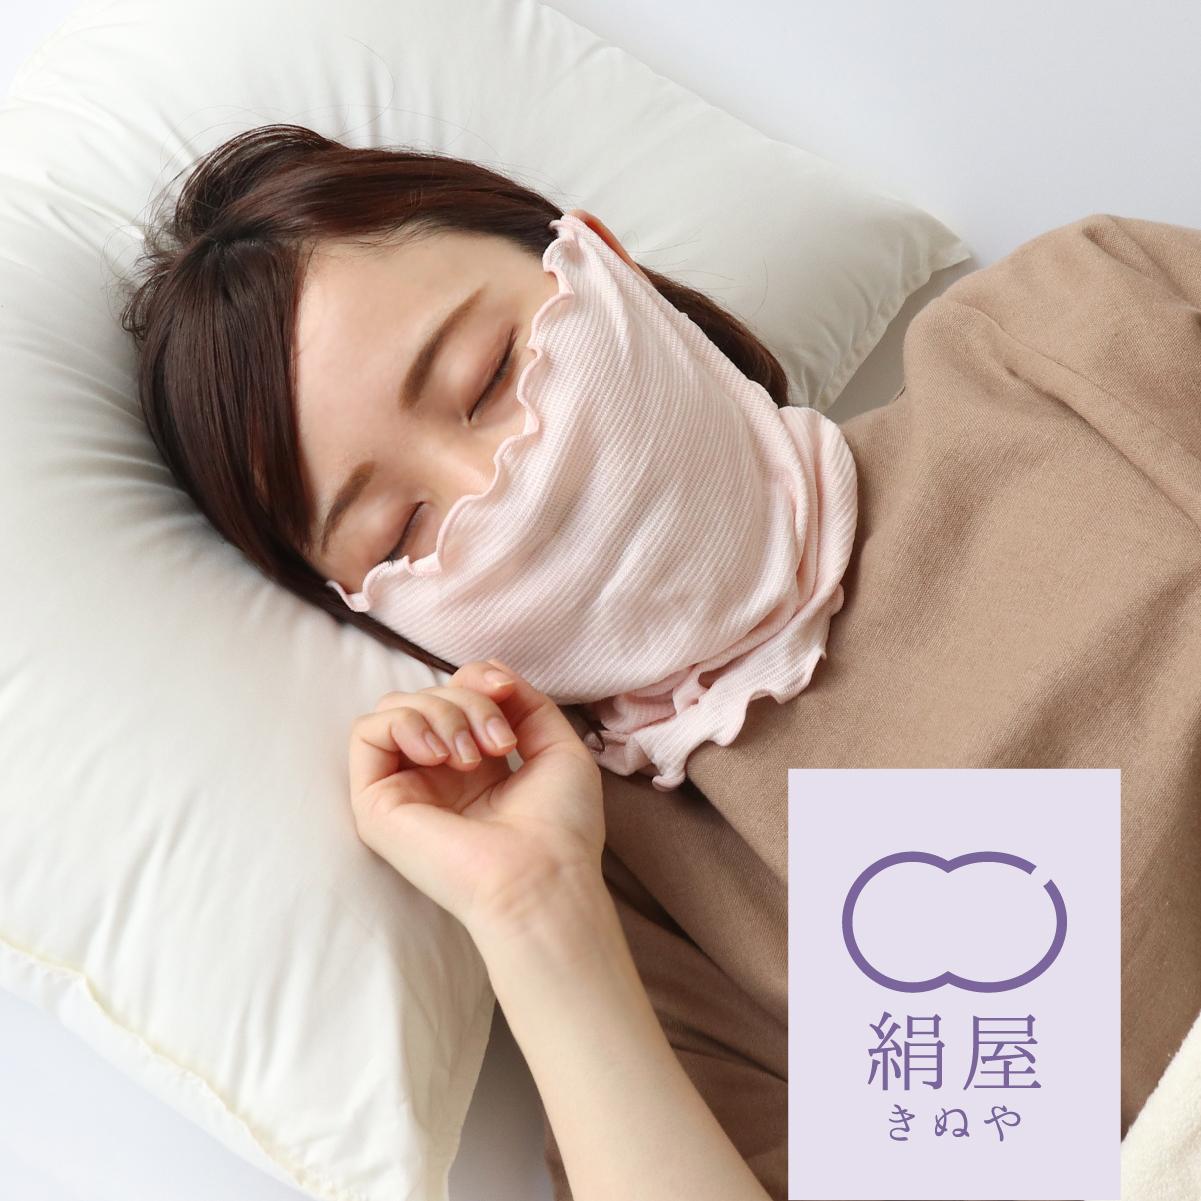 就寝時の襟元の冷えや喉の乾燥防止に 極薄 シルクフェイス マスク おやすみ 絹 シルク ギフト 快眠 安眠 プレゼント 日本製 絹屋 人気の定番 市販